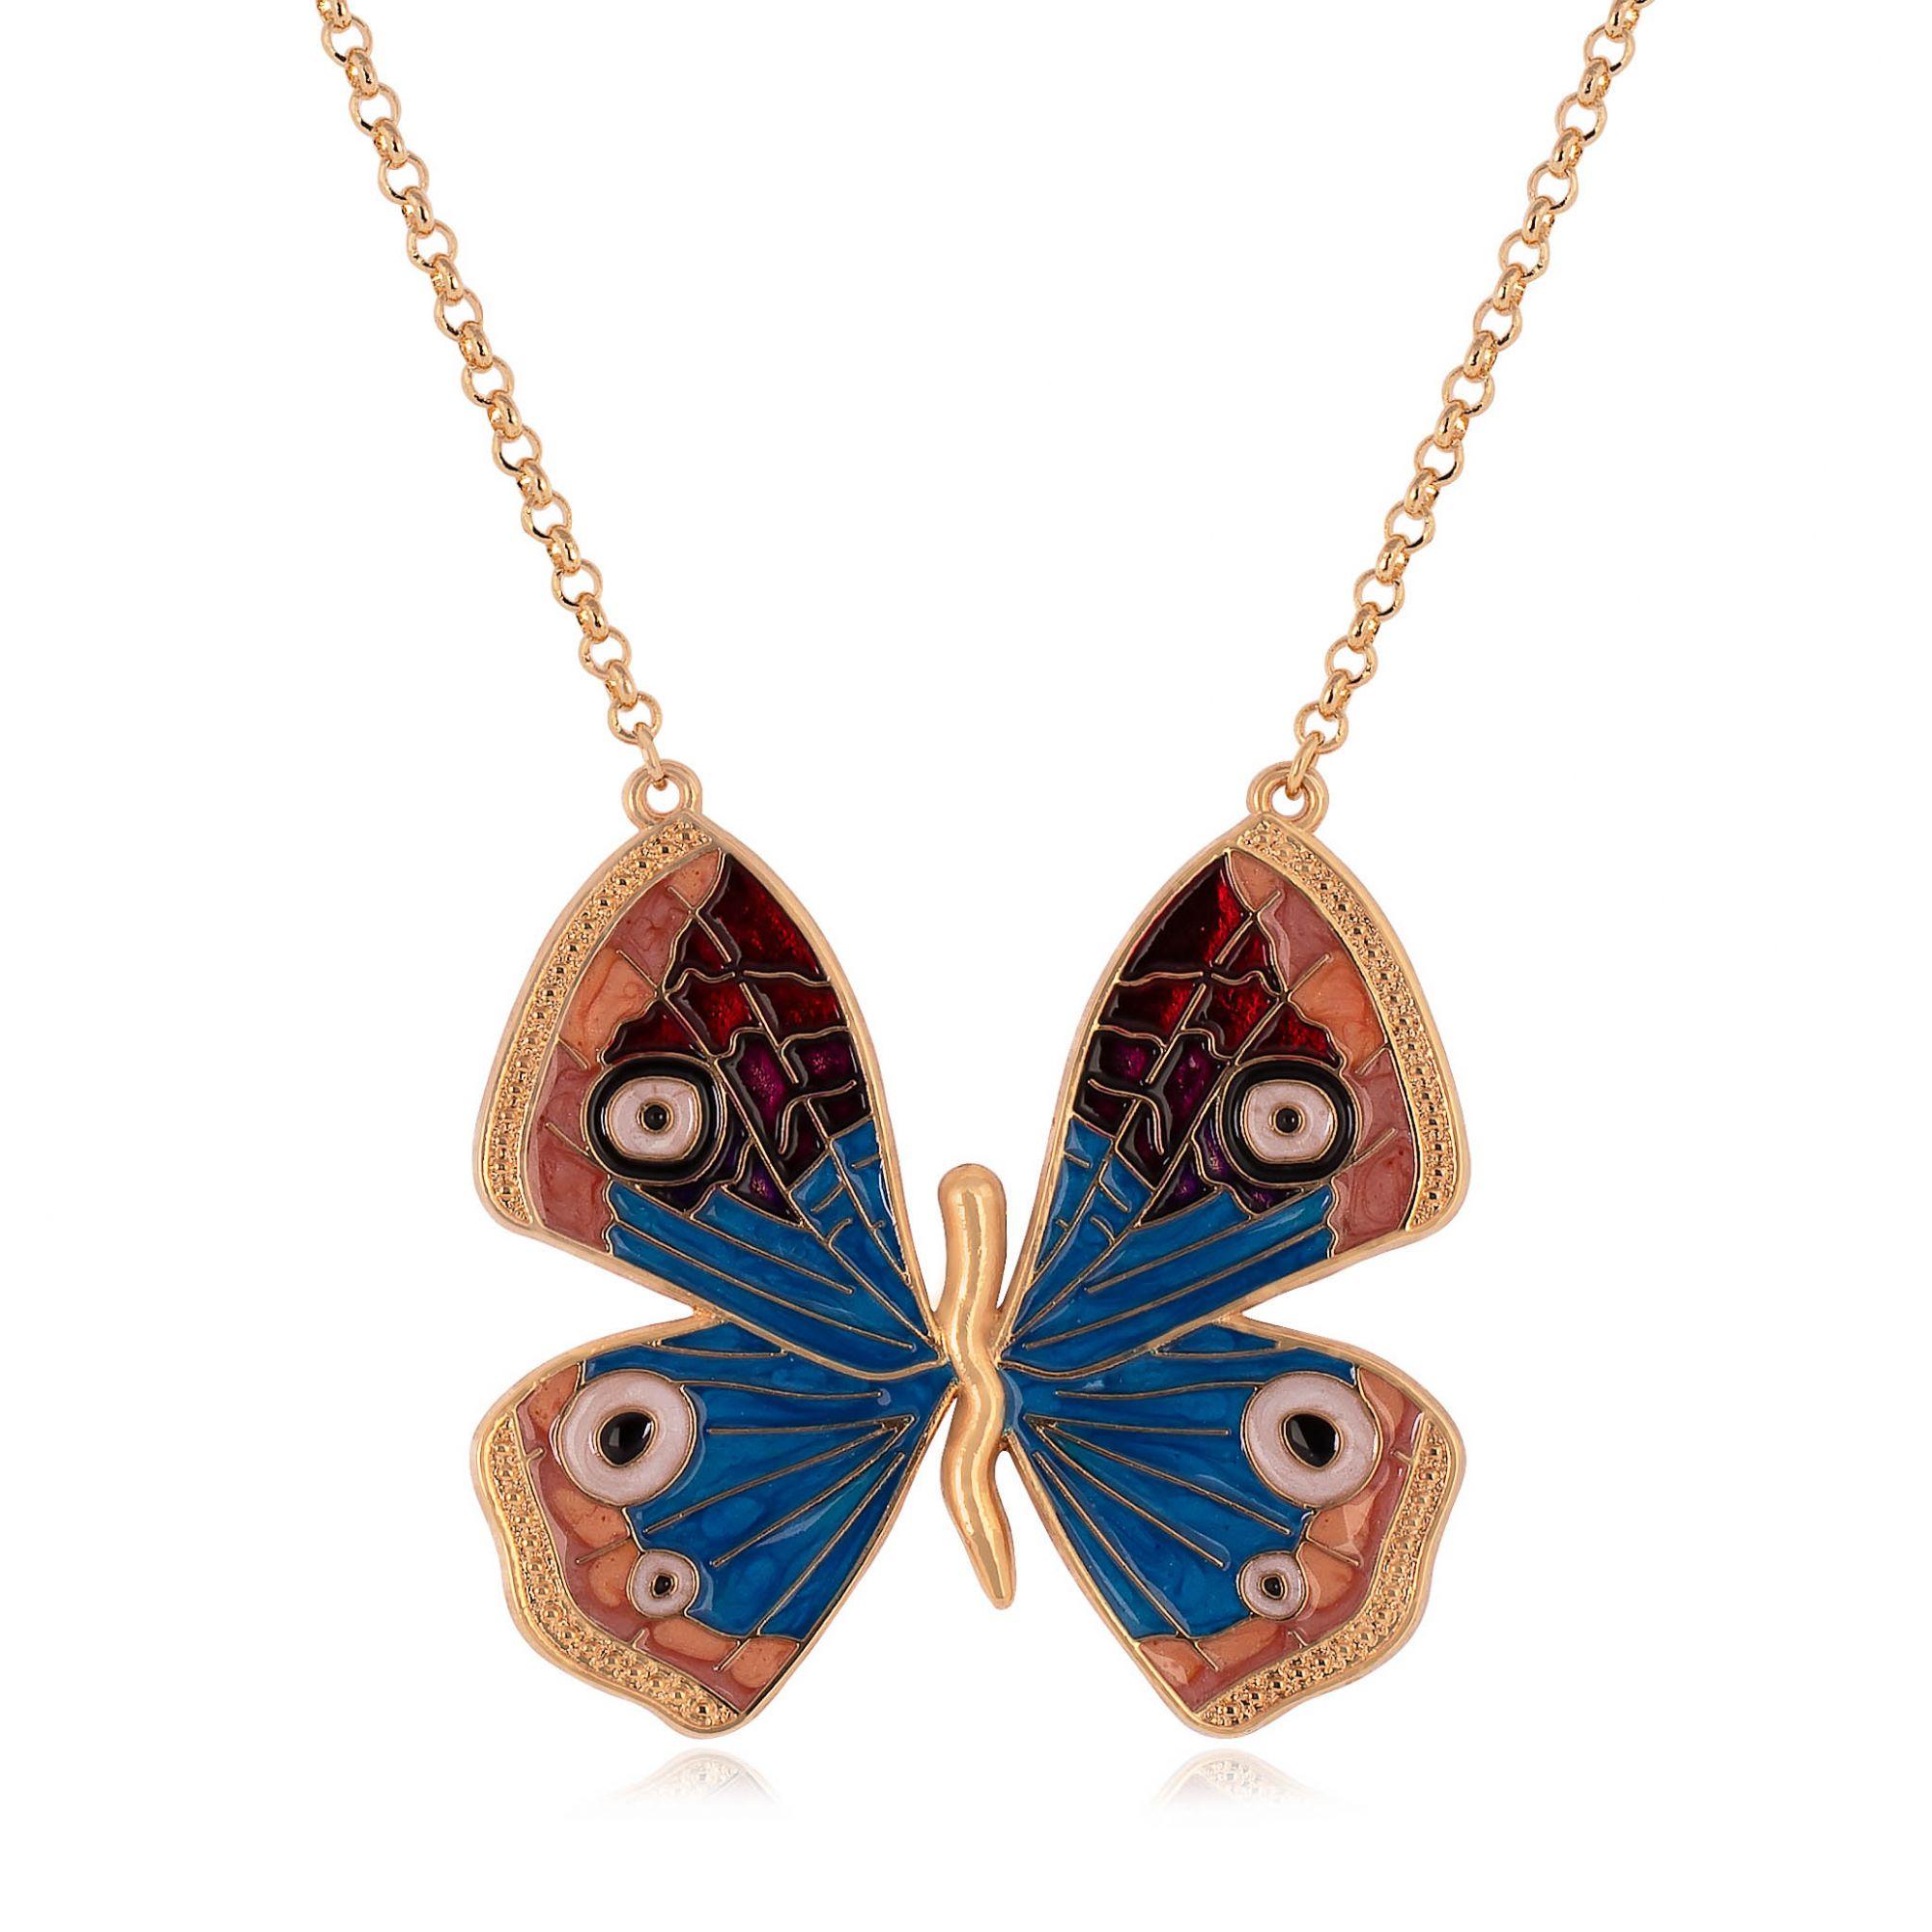 Colar borboleta banhado a ouro 18k resinado em azul e vermelha.  - romabrazil.com.br